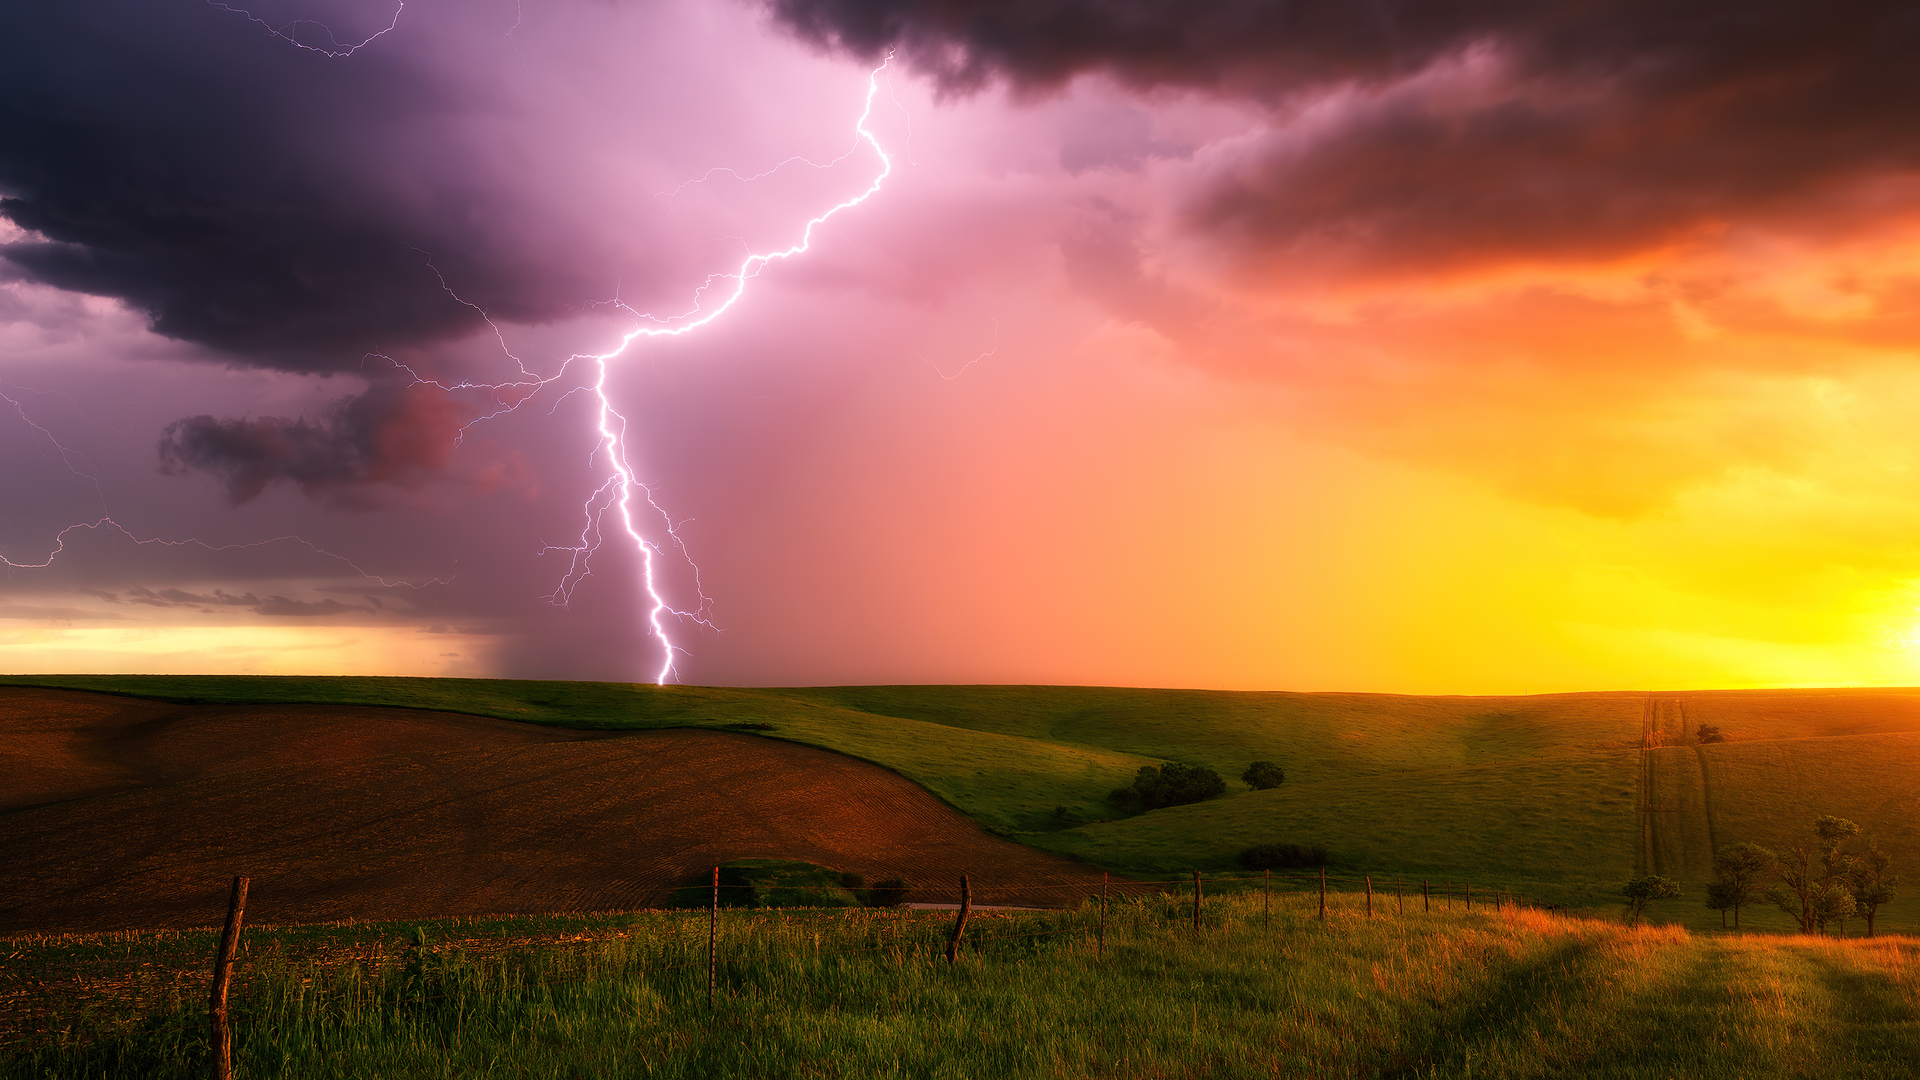 thunderstorm-lightning-bolt-striking-down-at-sunset-in-nebraska-4k-u1.jpg